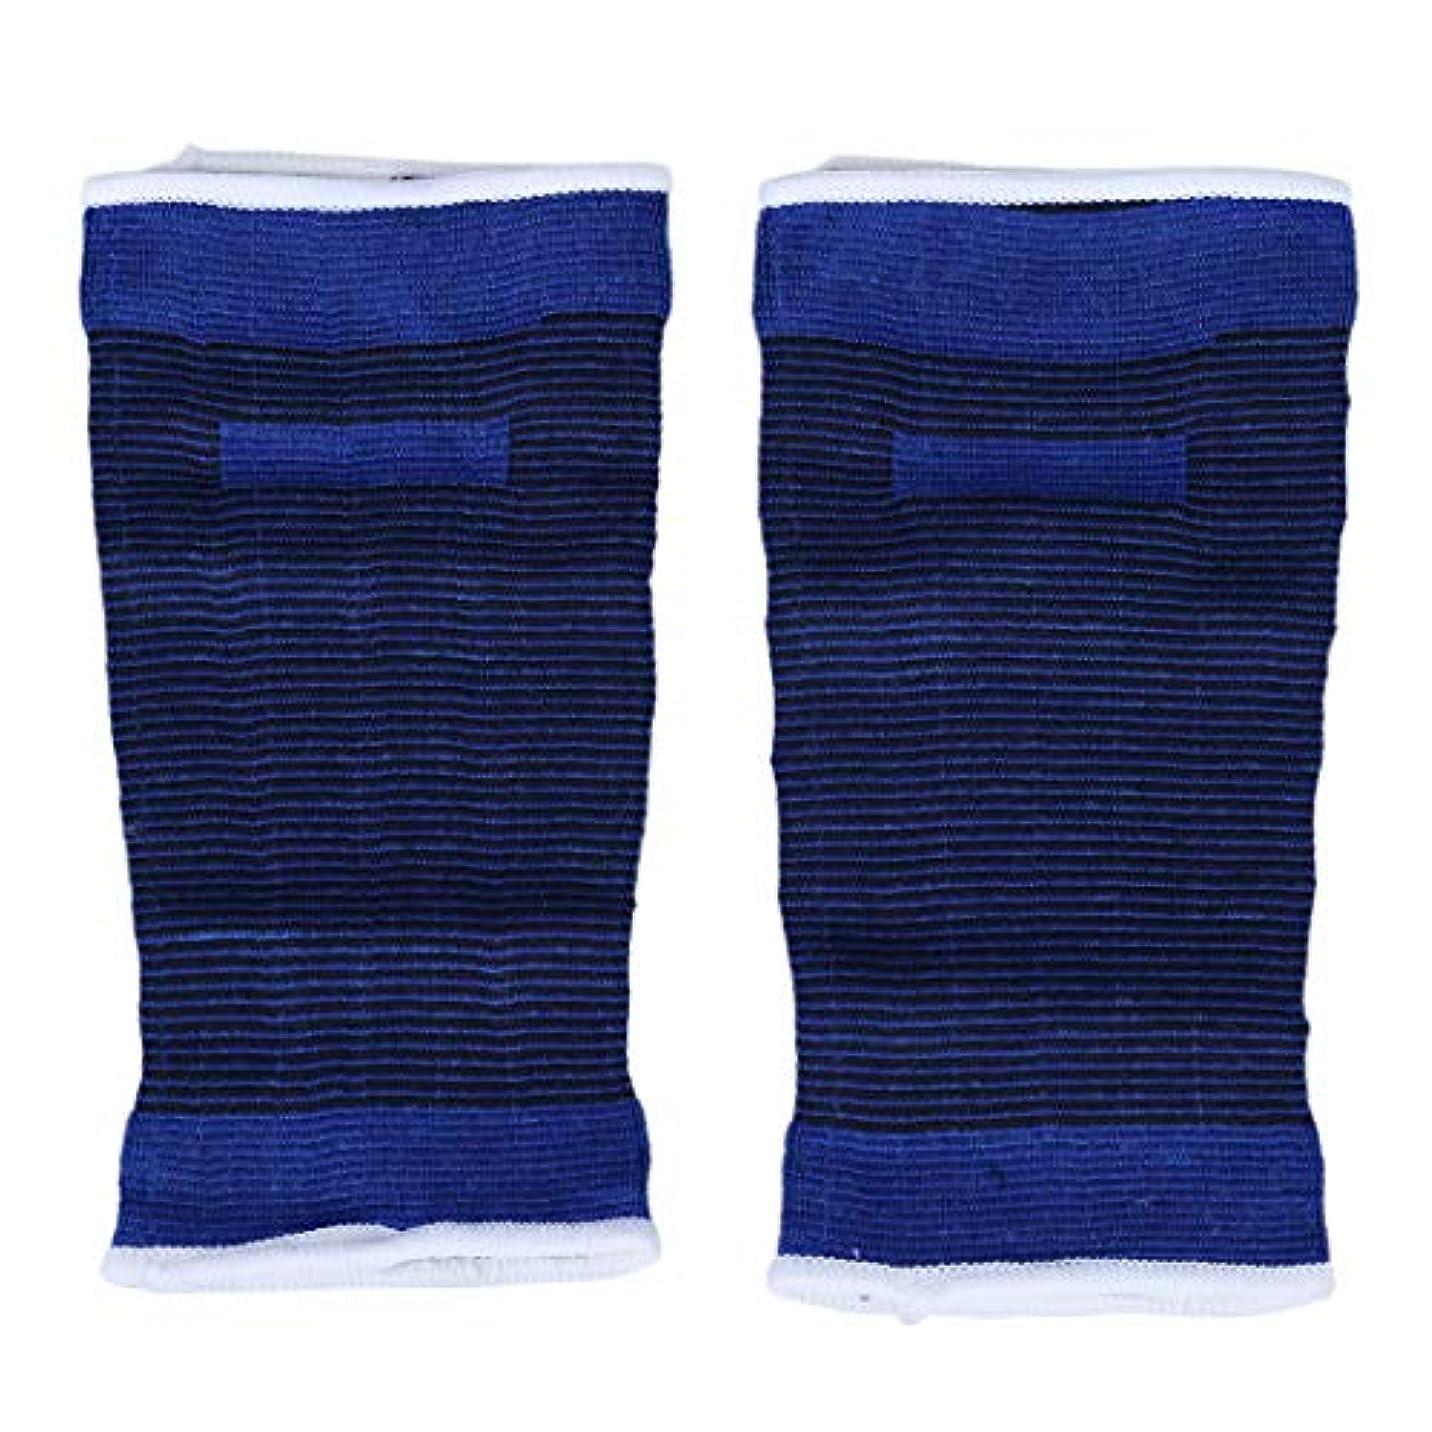 保護具,SODIAL(R)2枚黒と青の横縞のカーフジャケット、保護具